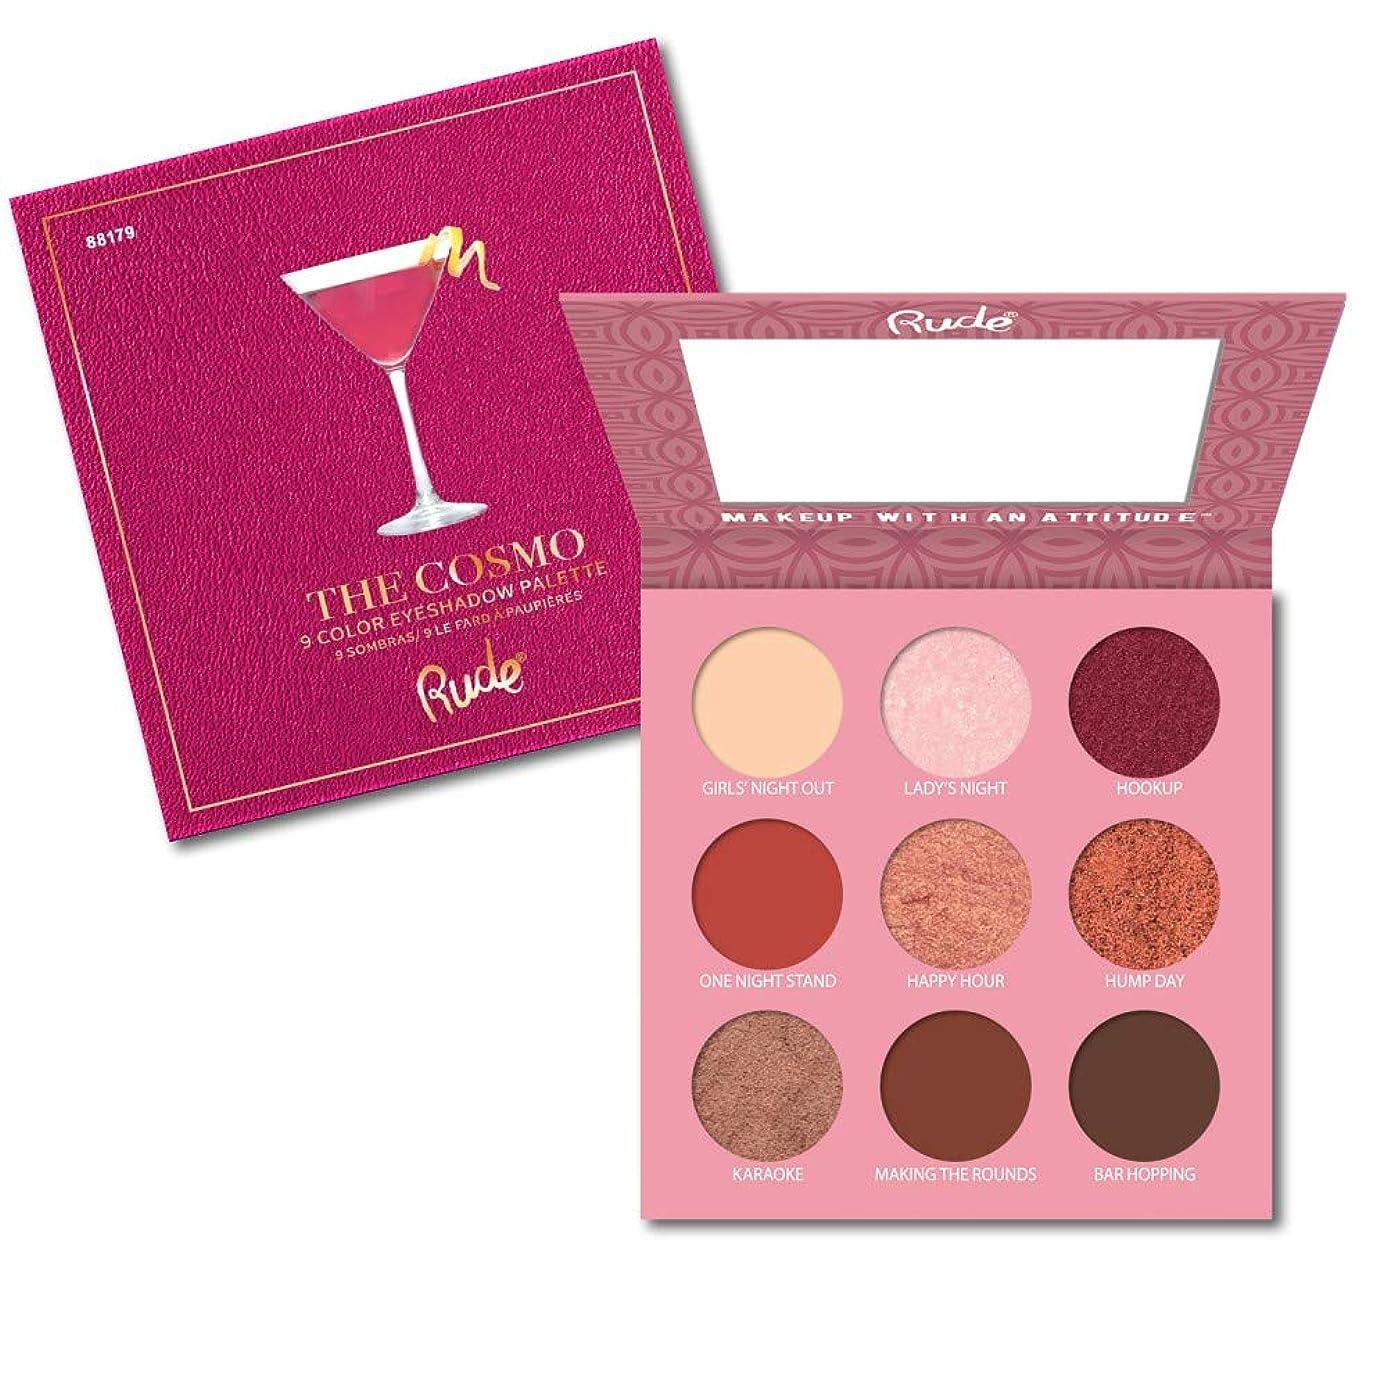 教える薄いです出席(6 Pack) RUDE Cocktail Party 9 Color Eyeshadow Palette - The Cosmo (並行輸入品)